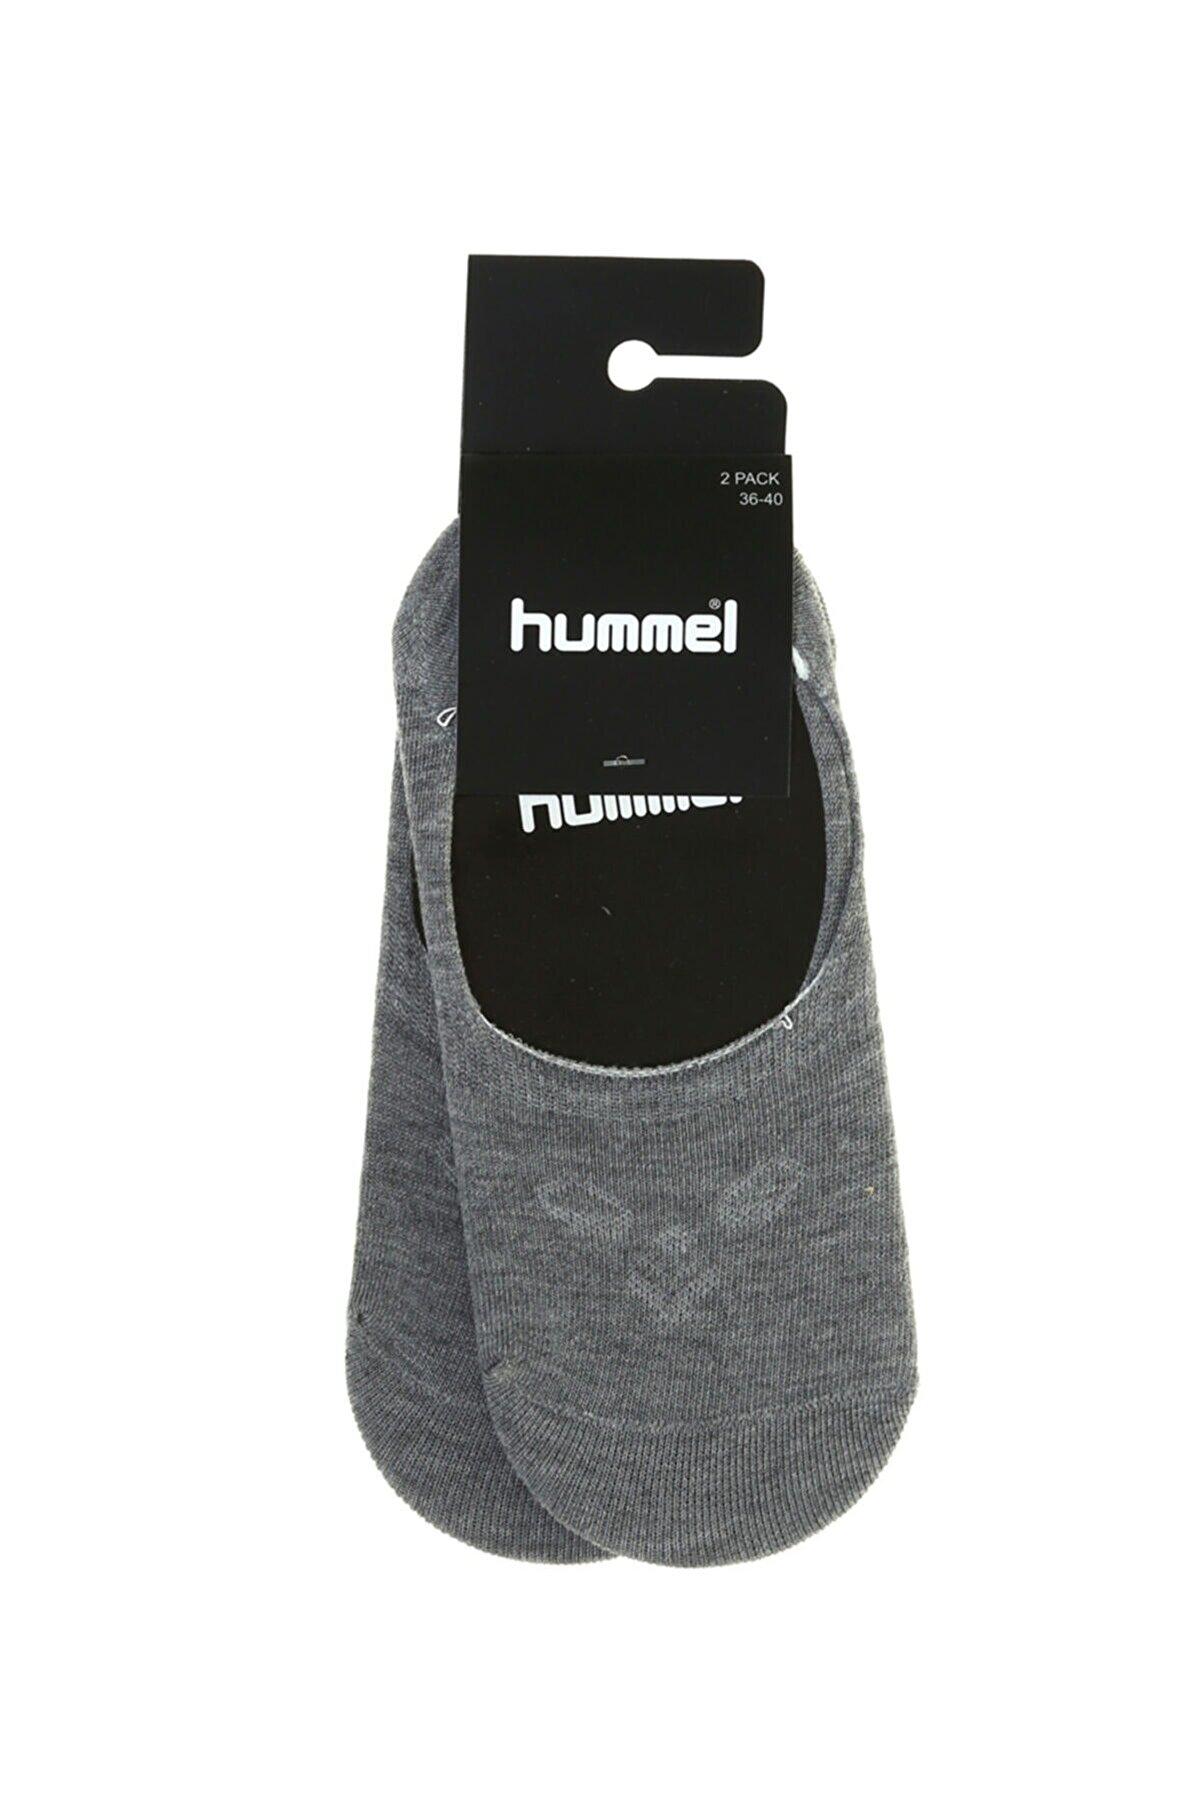 HUMMEL Unisex Beyaz Spor Çorap